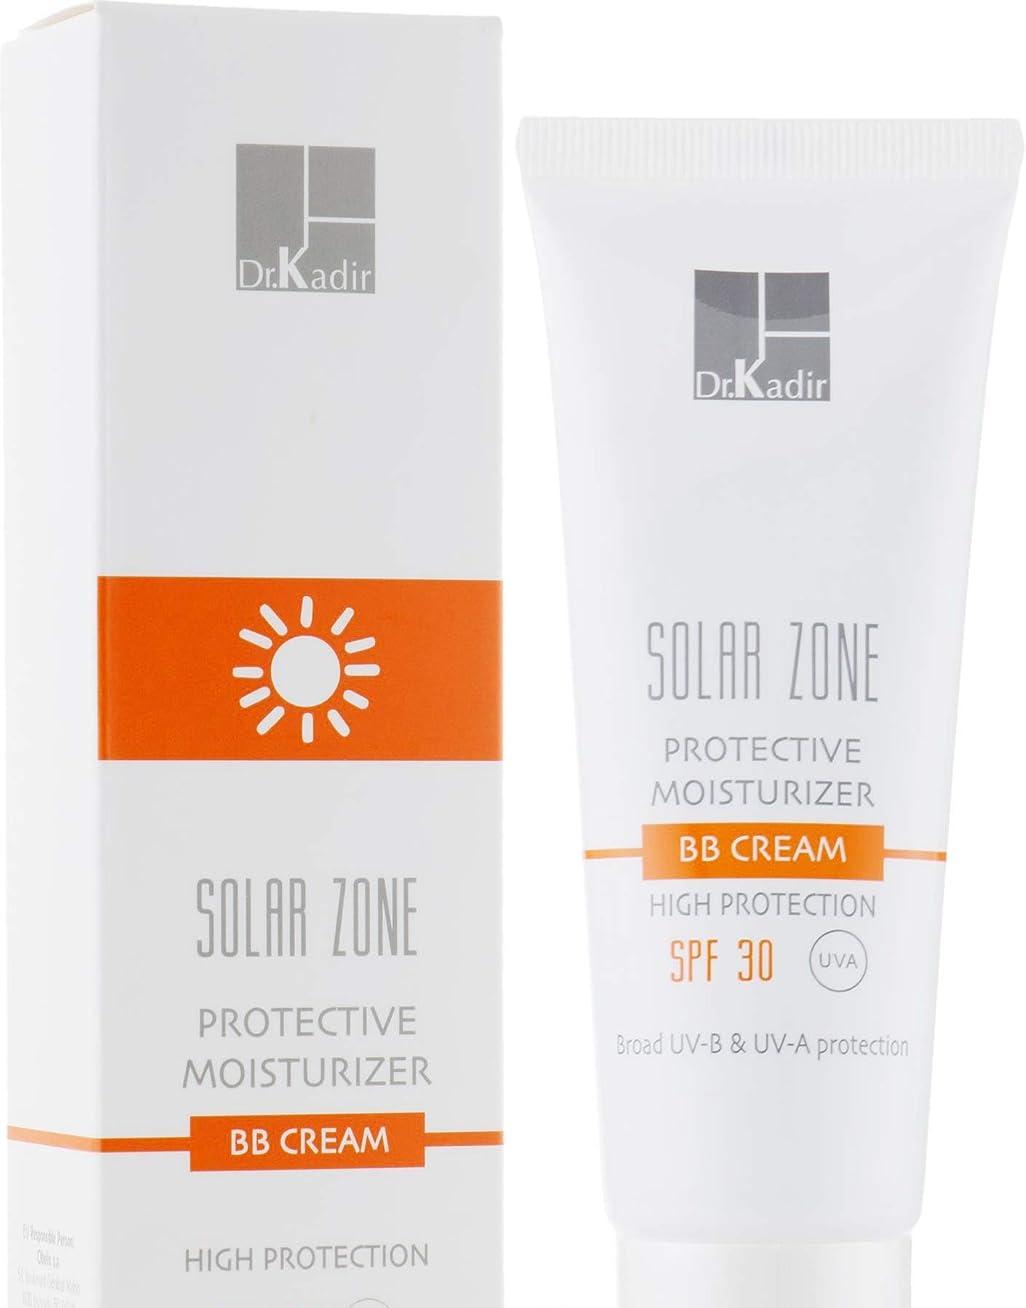 赤面ミュウミュウプーノDr. Kadir Solar Zone Protective Moisturizer BB Cream SPF 30 75ml